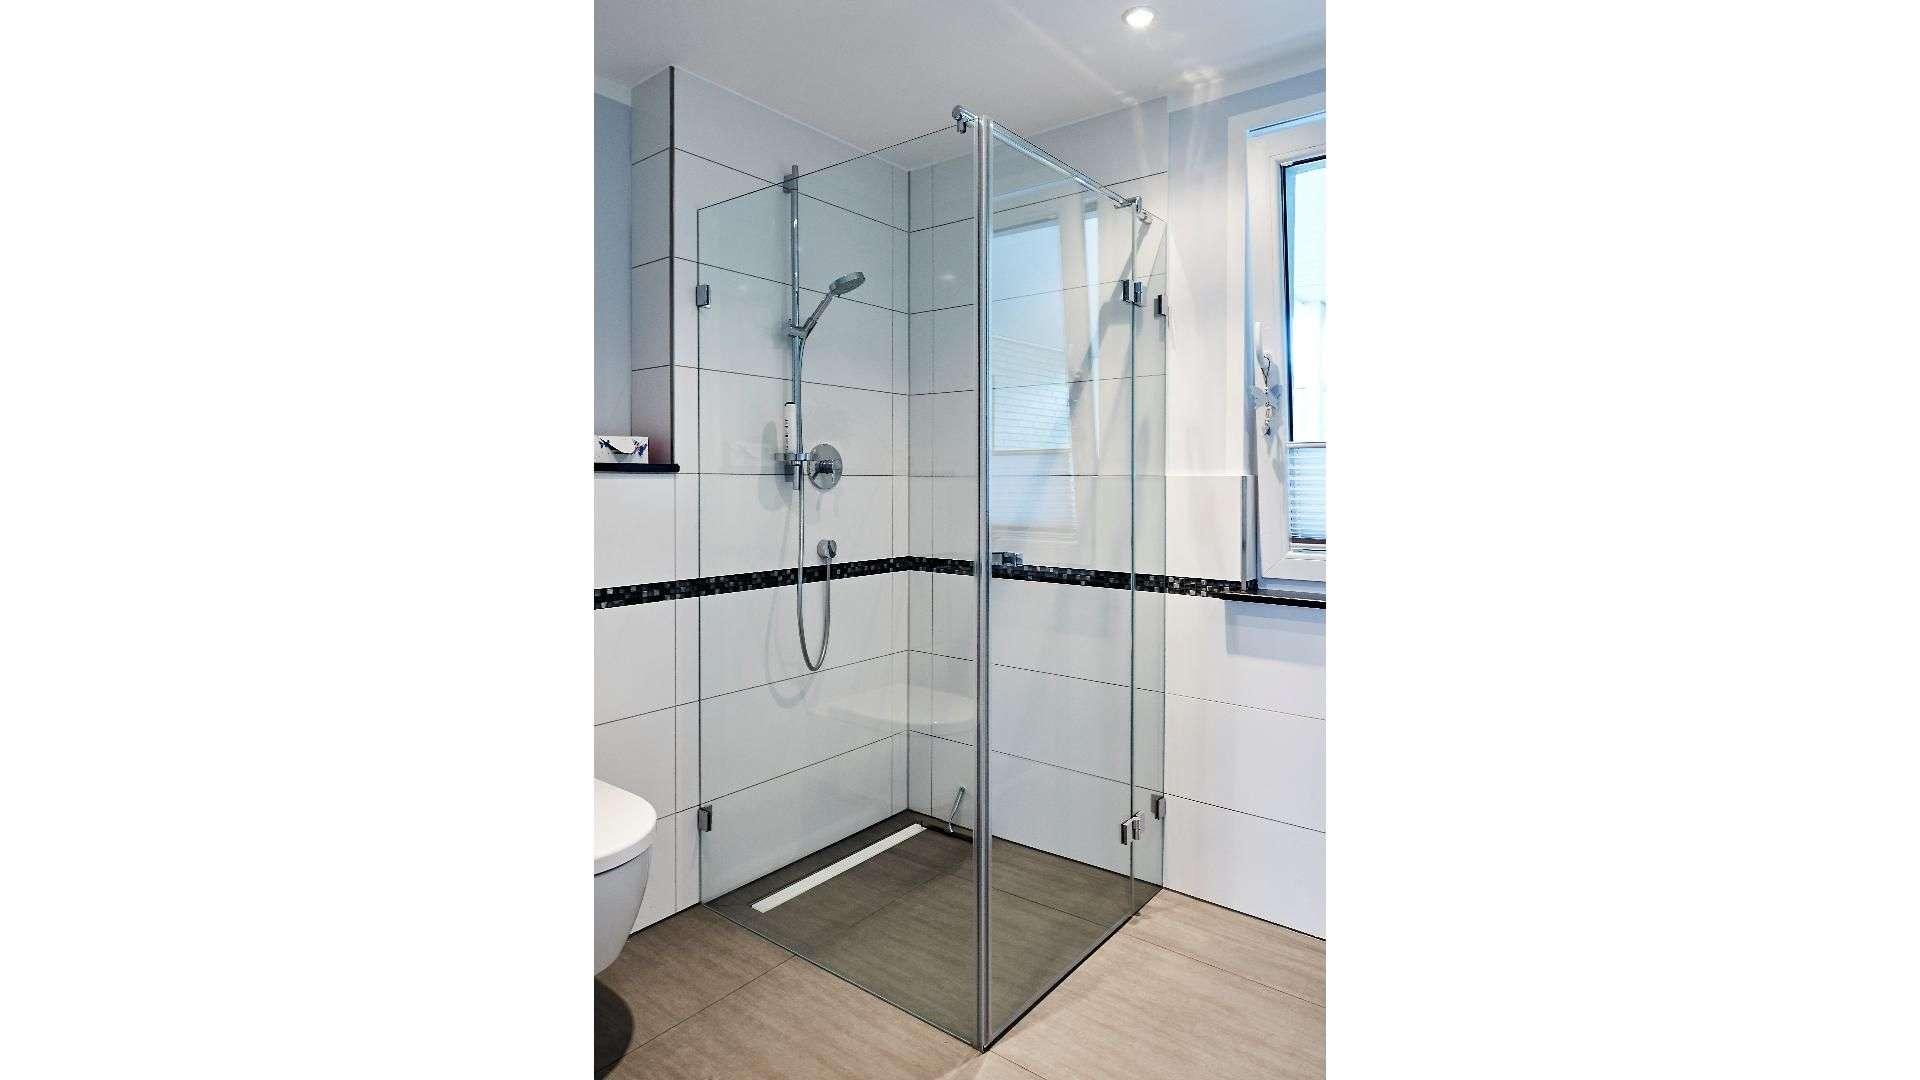 Dusche mit Glaswänden in einem Badezimmer